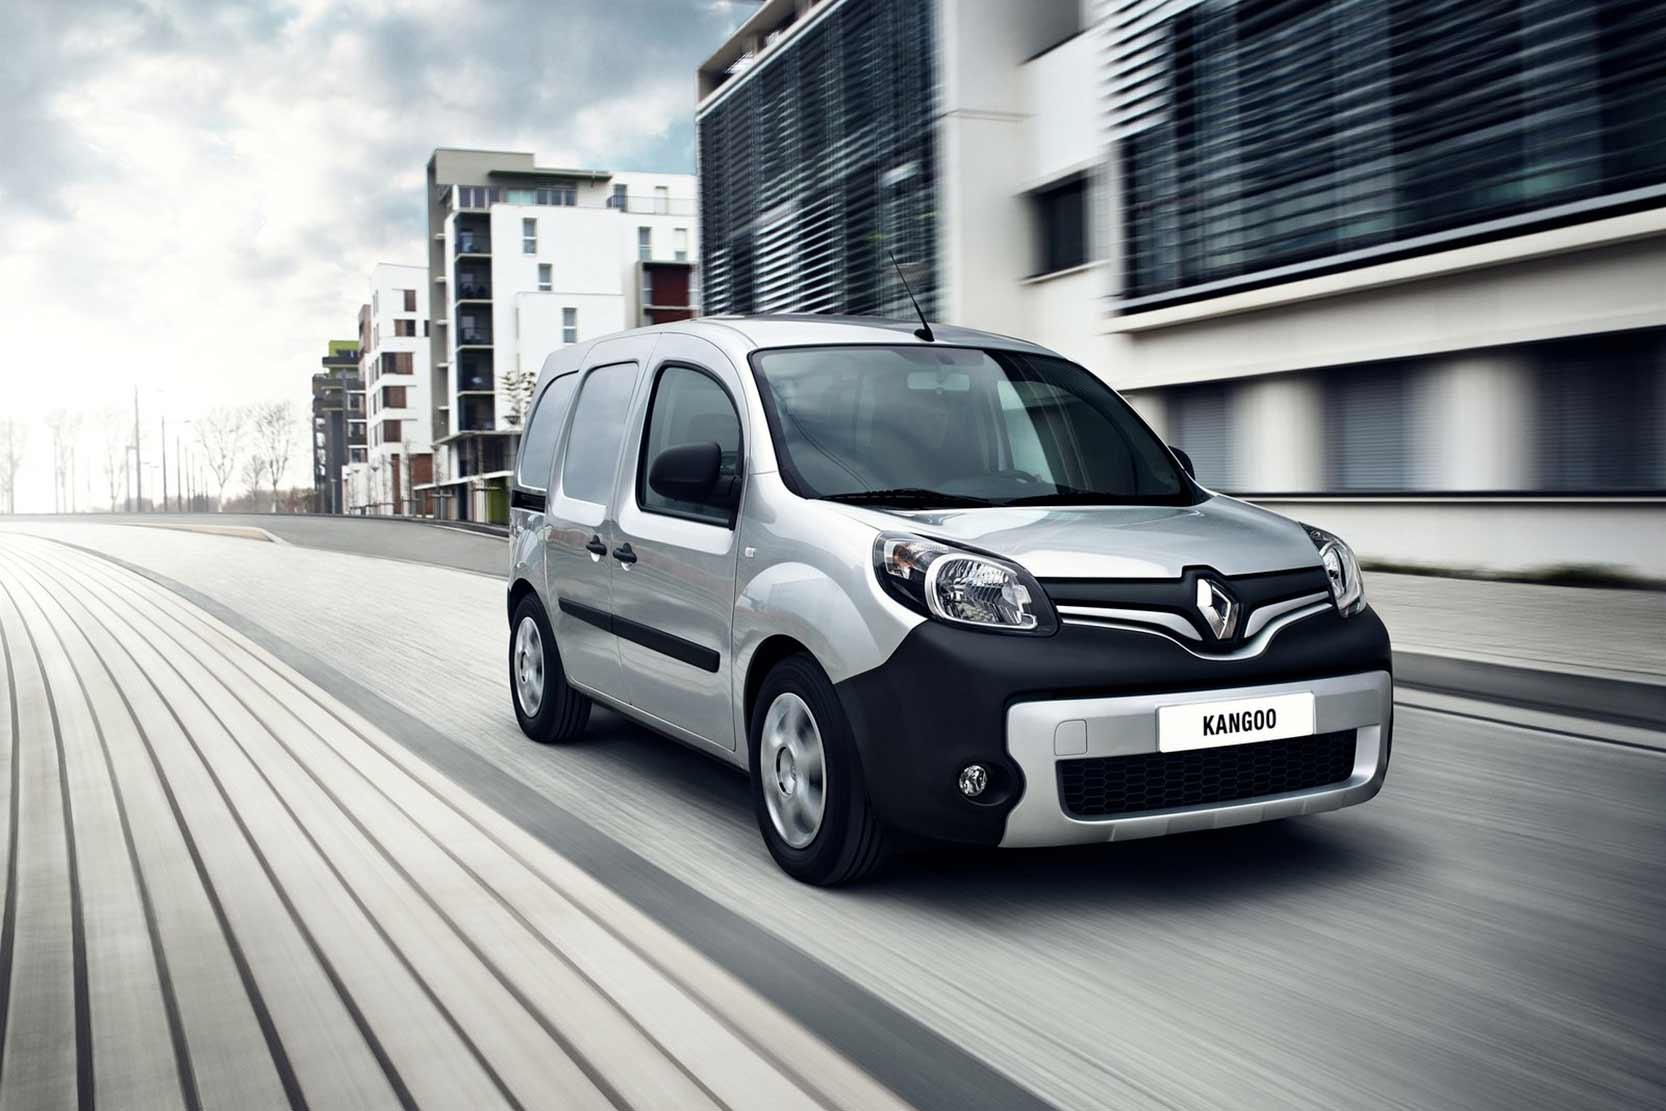 Fiche technique Renault Kangoo 1.5 dCi 90 2019